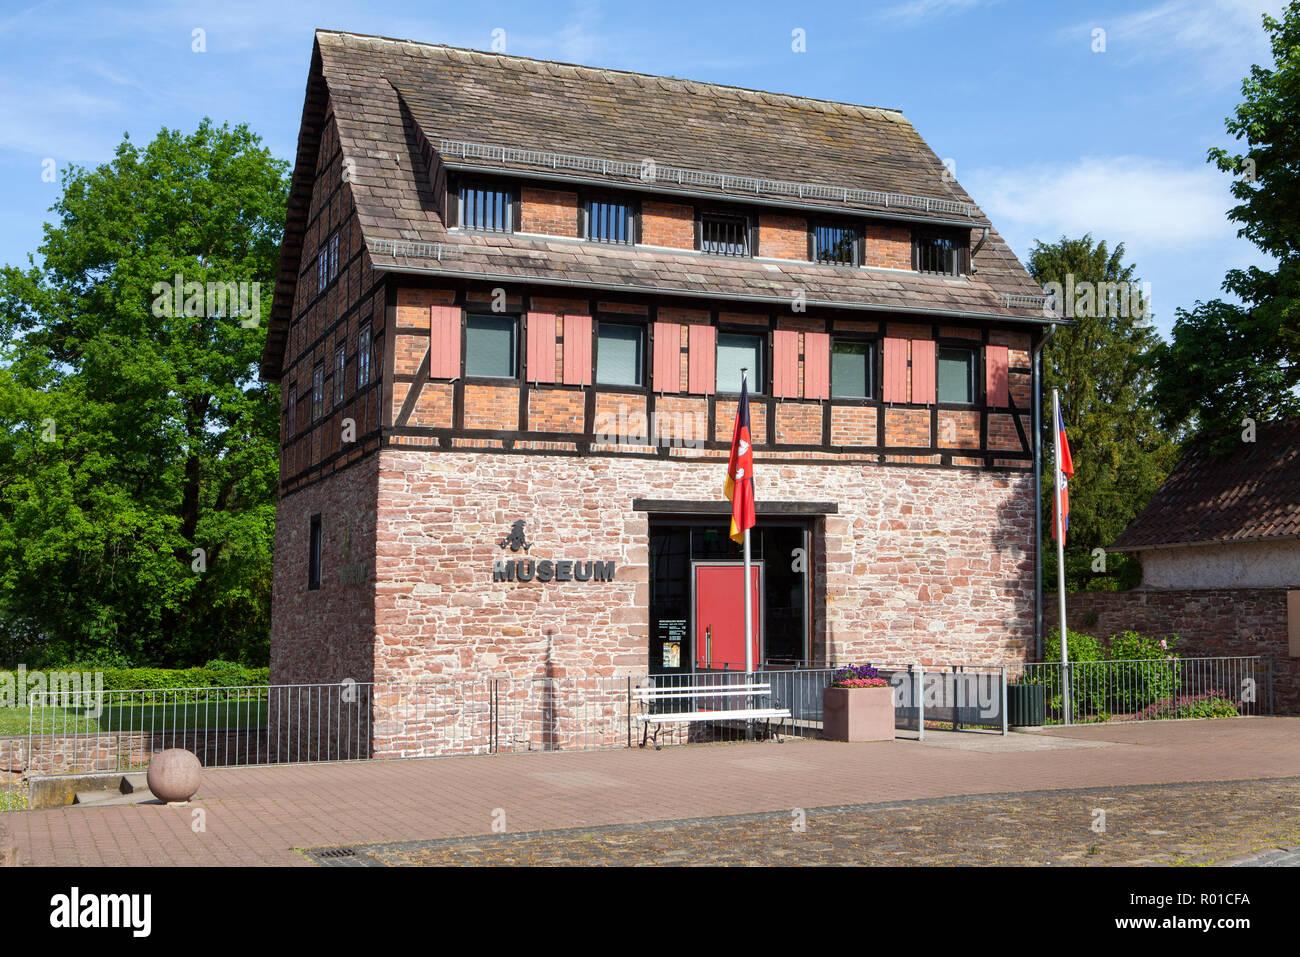 Il barone Muenchhausen museum, Bodenwerder, Weserbergland, Bassa Sassonia, Germania, Europa Foto Stock